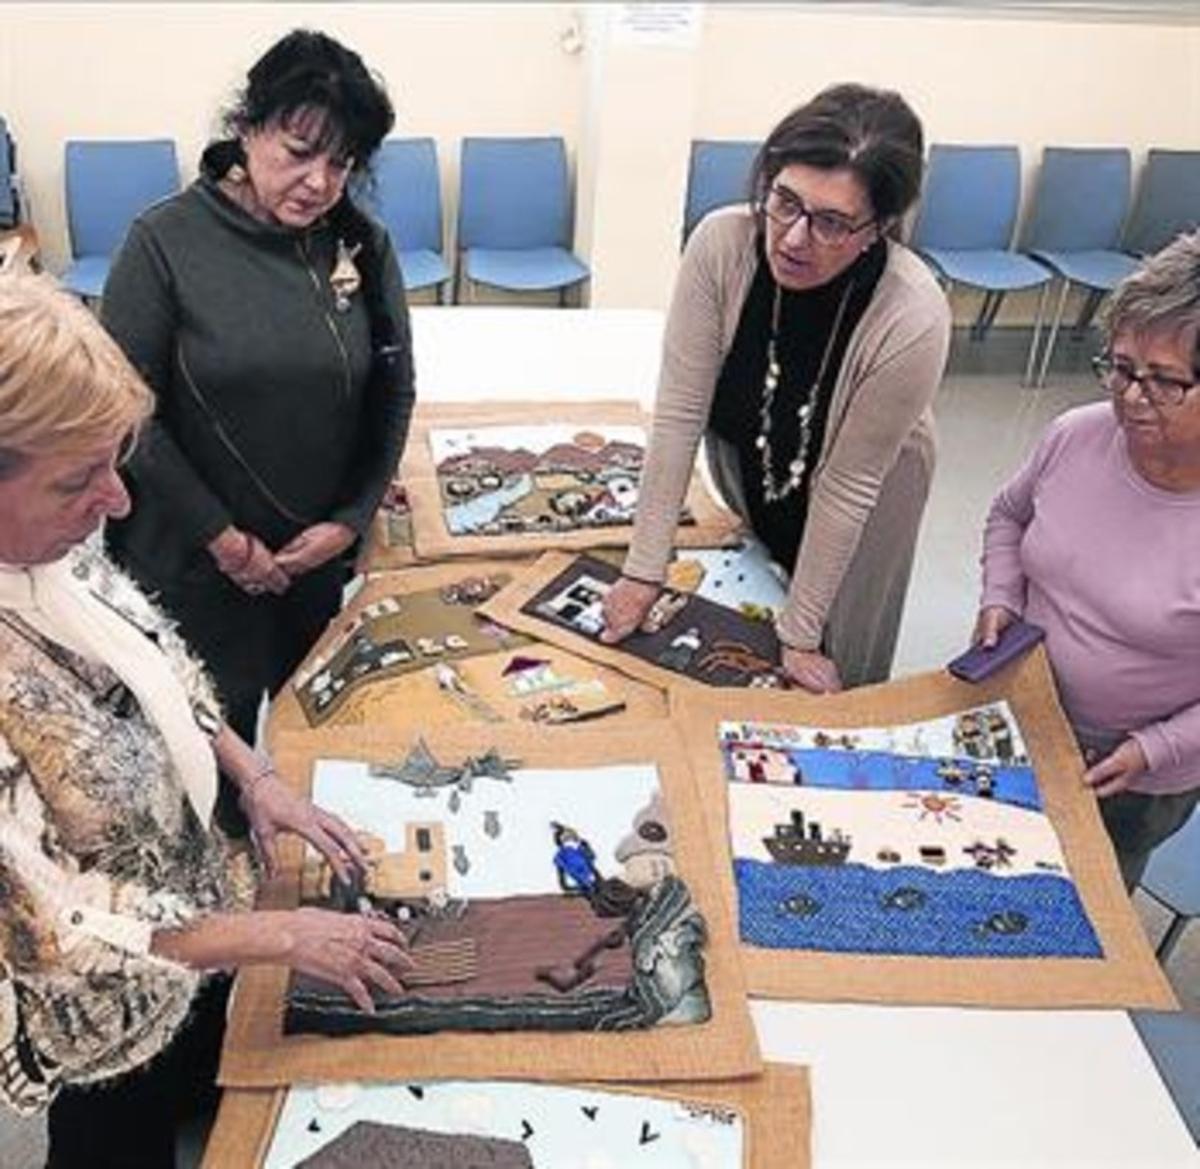 Las arpilleristas Bonavila, Ferran, Mascaró y Arasa, con sus tapices.